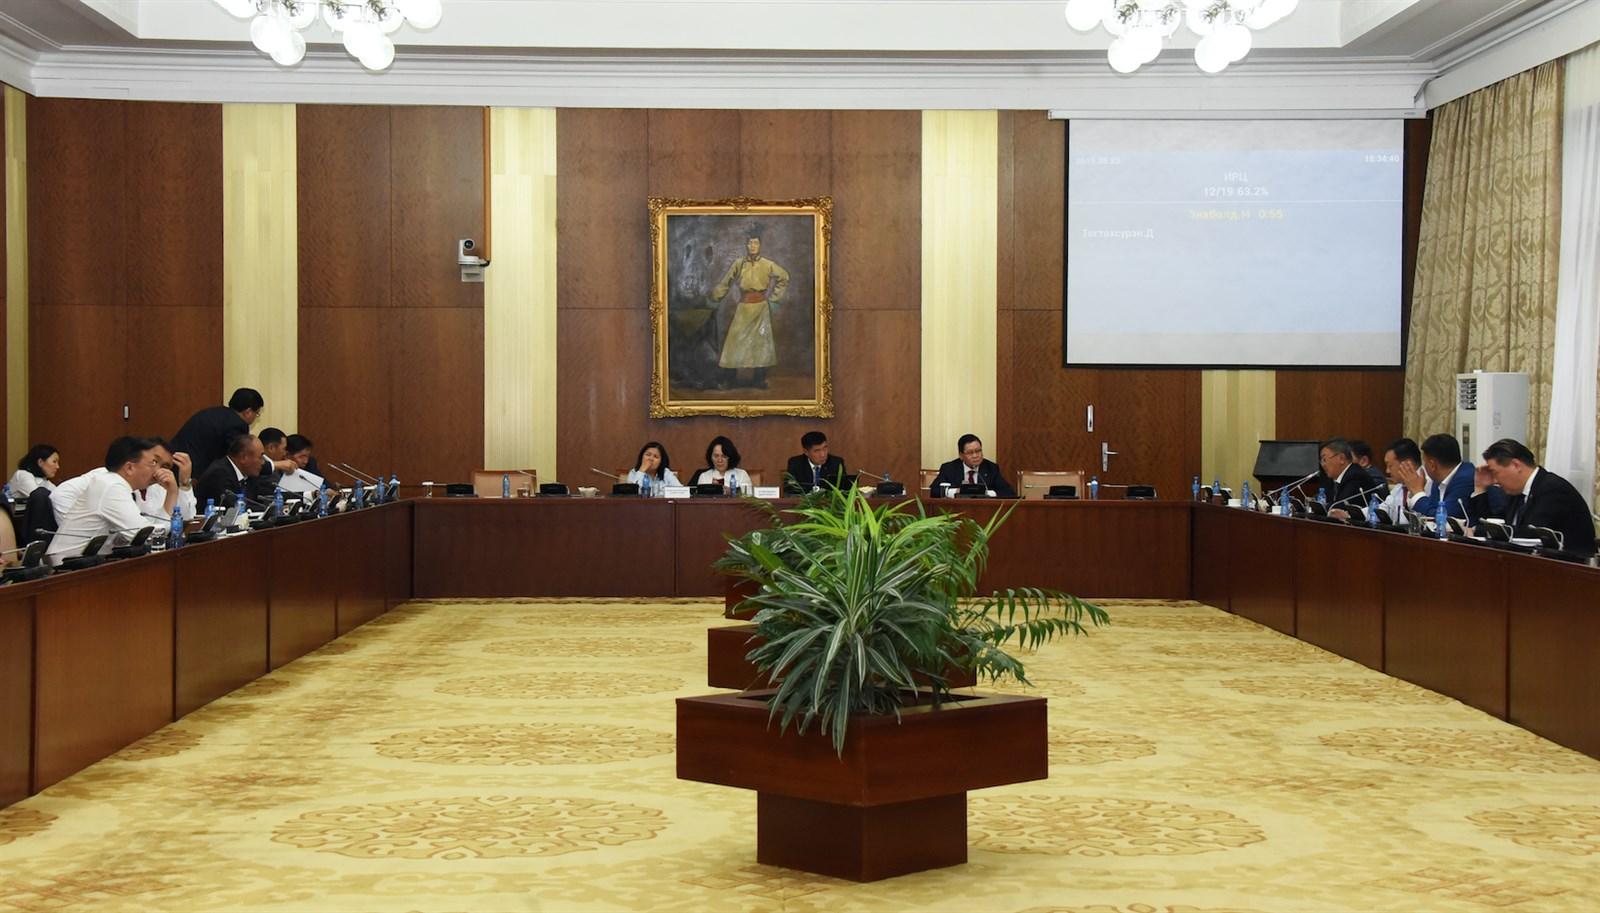 ТББХ: Монгол Улсын Үндсэн хуульд оруулах нэмэлт, өөрчлөлтийн төслийн хоёр дахь хэлэлцүүлгийг үргэлжлүүлэв